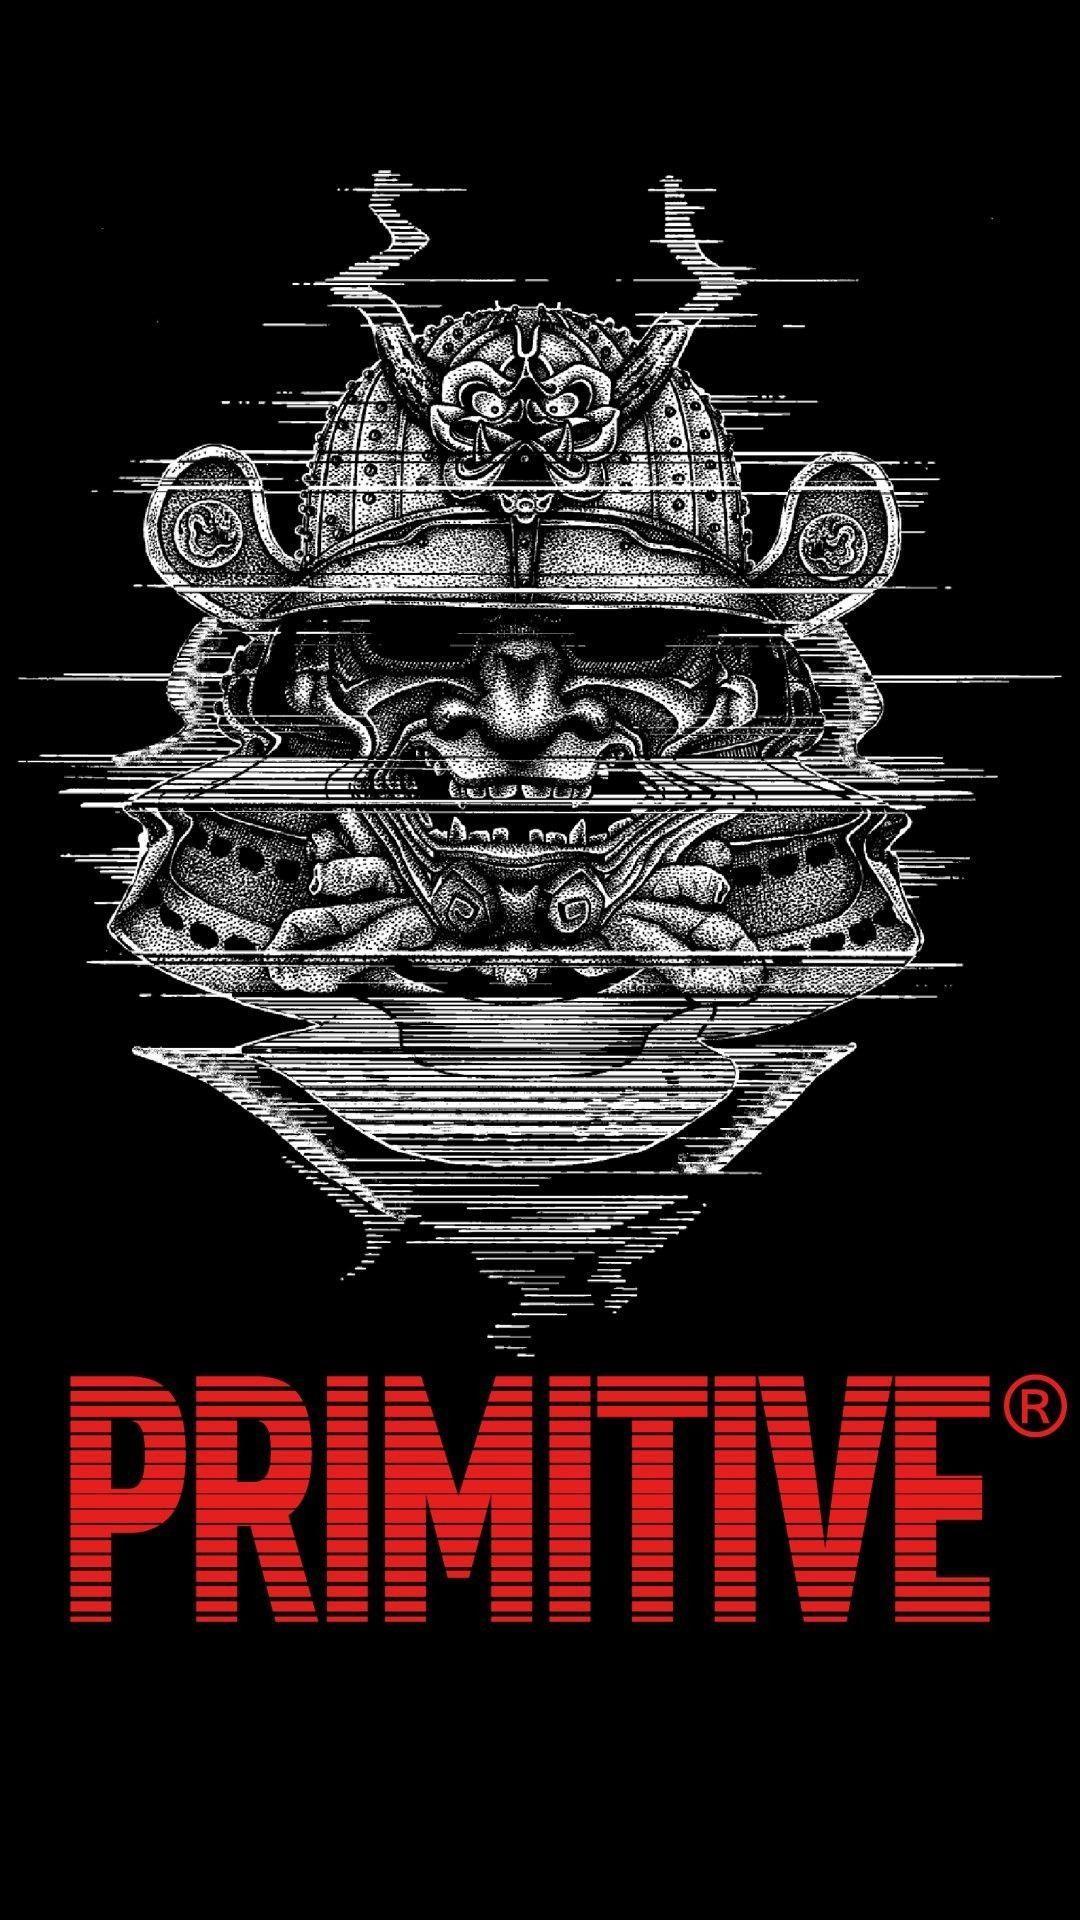 Primitive Skateboarding Samurai Wallpaper in 2020